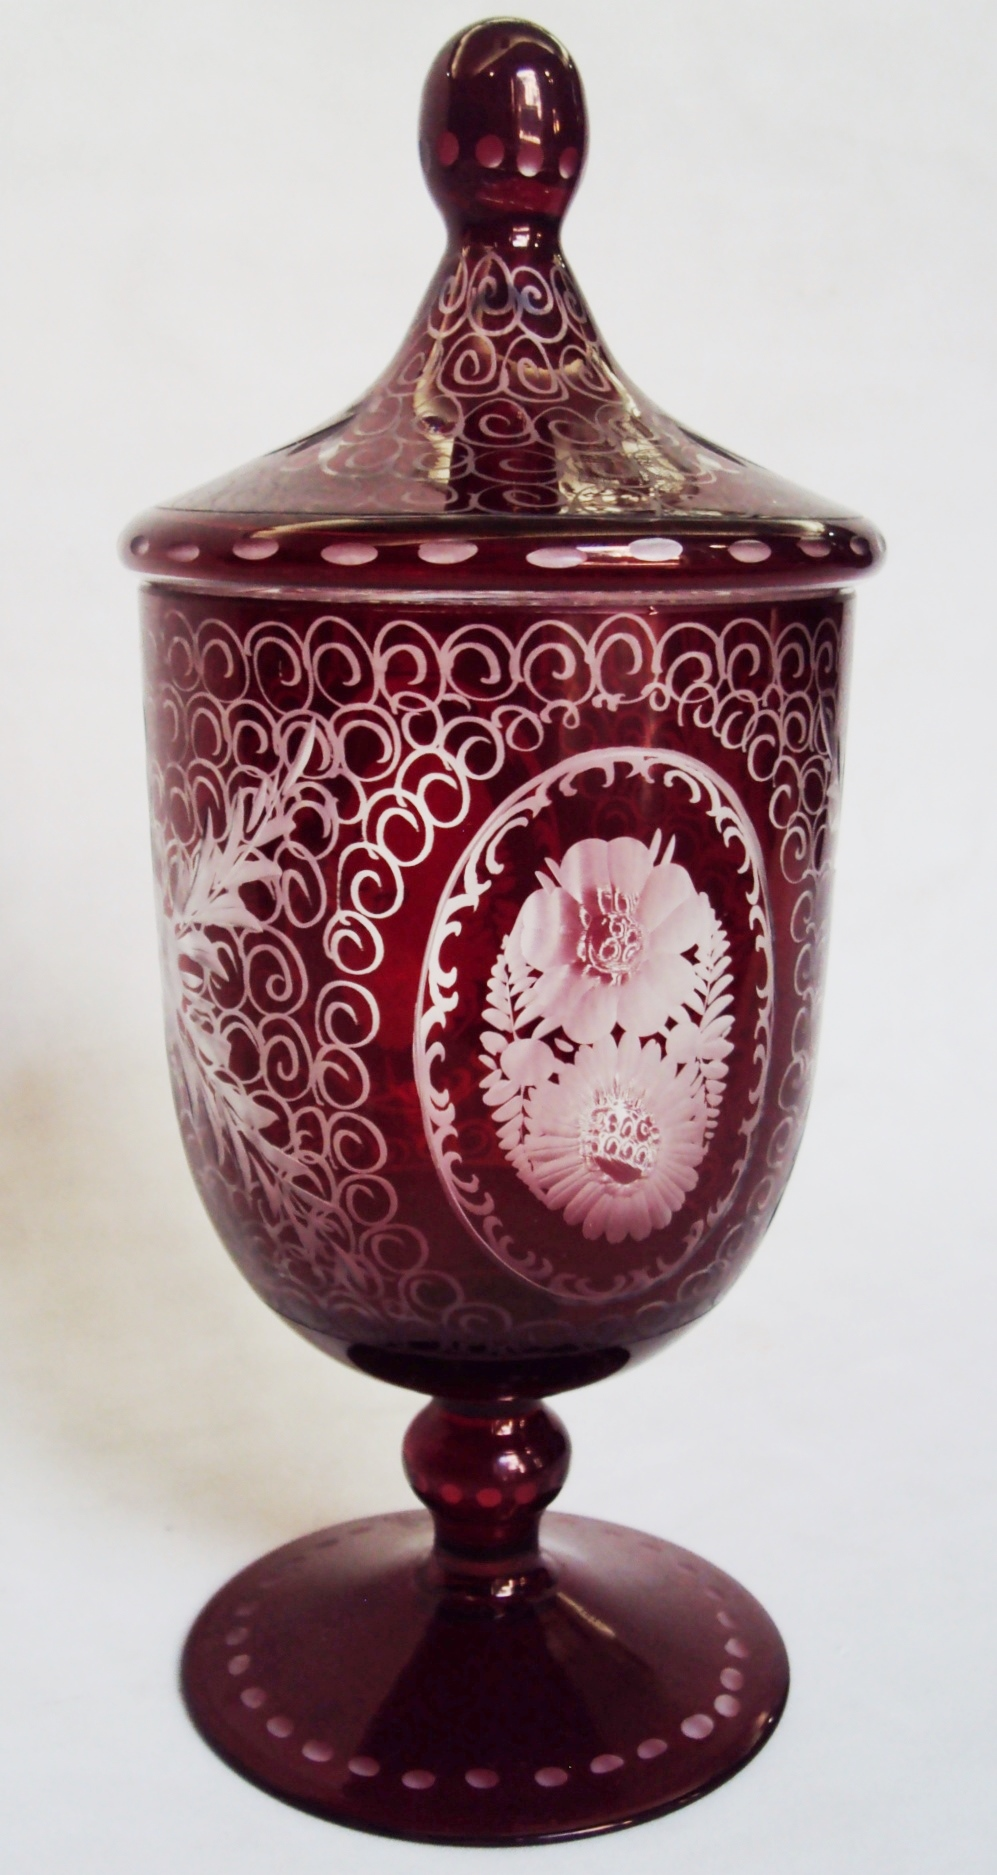 CR 158 – Compoteira ou bomboniere antiga em cristal vermelho rubi ricamente lapidado à mão com flores